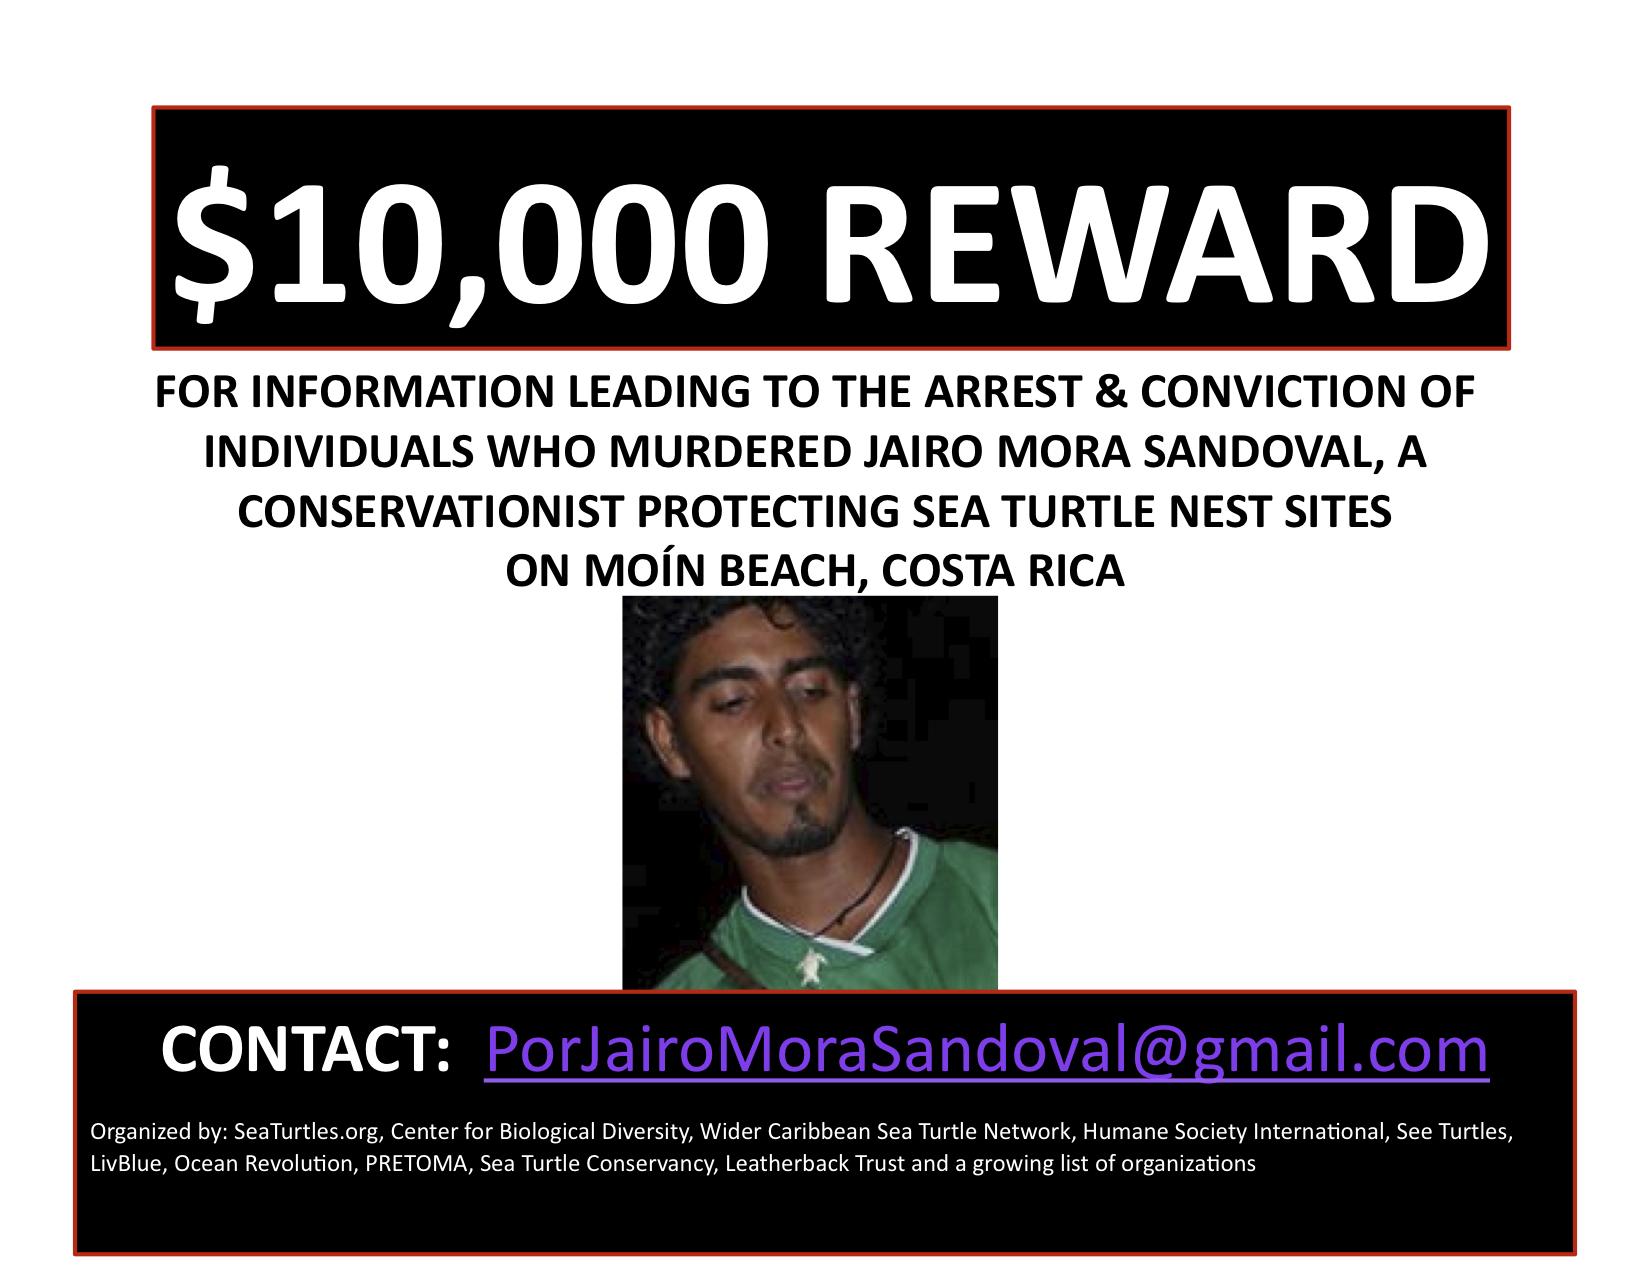 $10,000 Reward to Find Killers of Sea Turtle Activist in Costa Rica